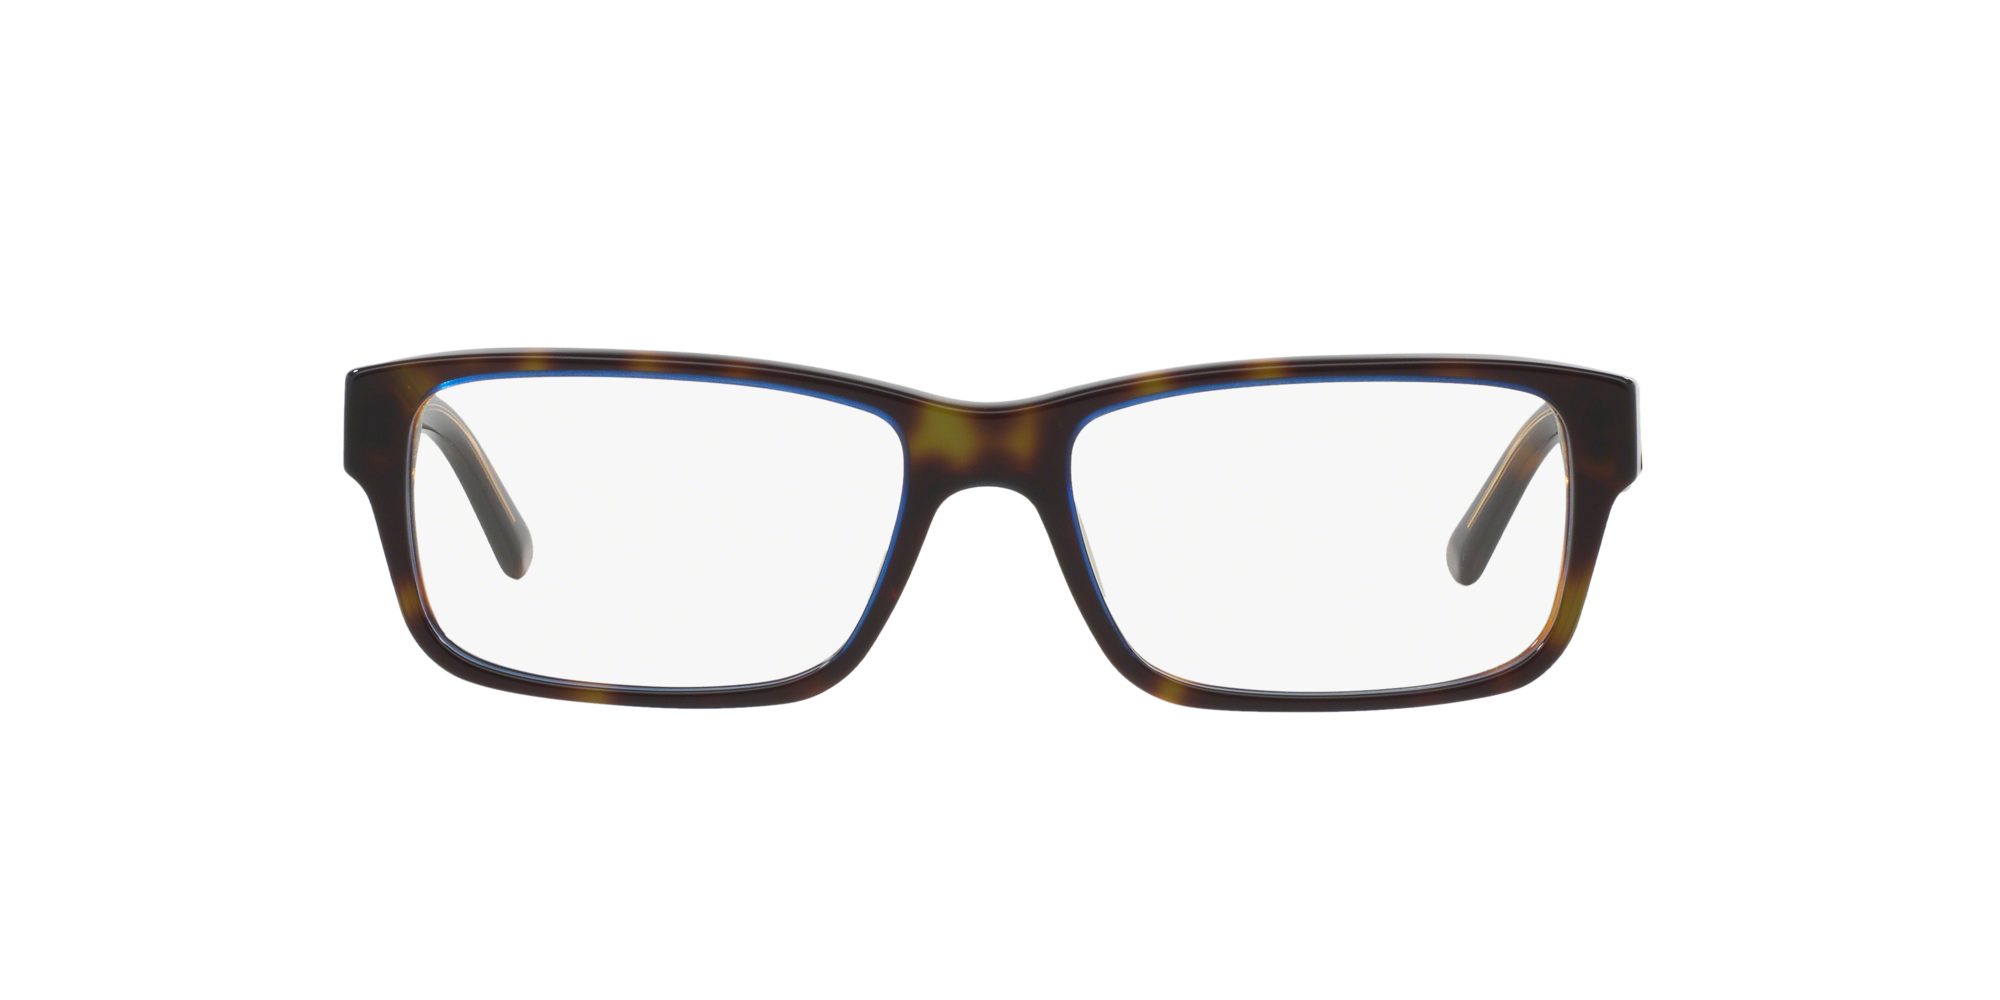 Imagen para PR 16MV de LensCrafters |  Espejuelos, espejuelos graduados en línea, gafas